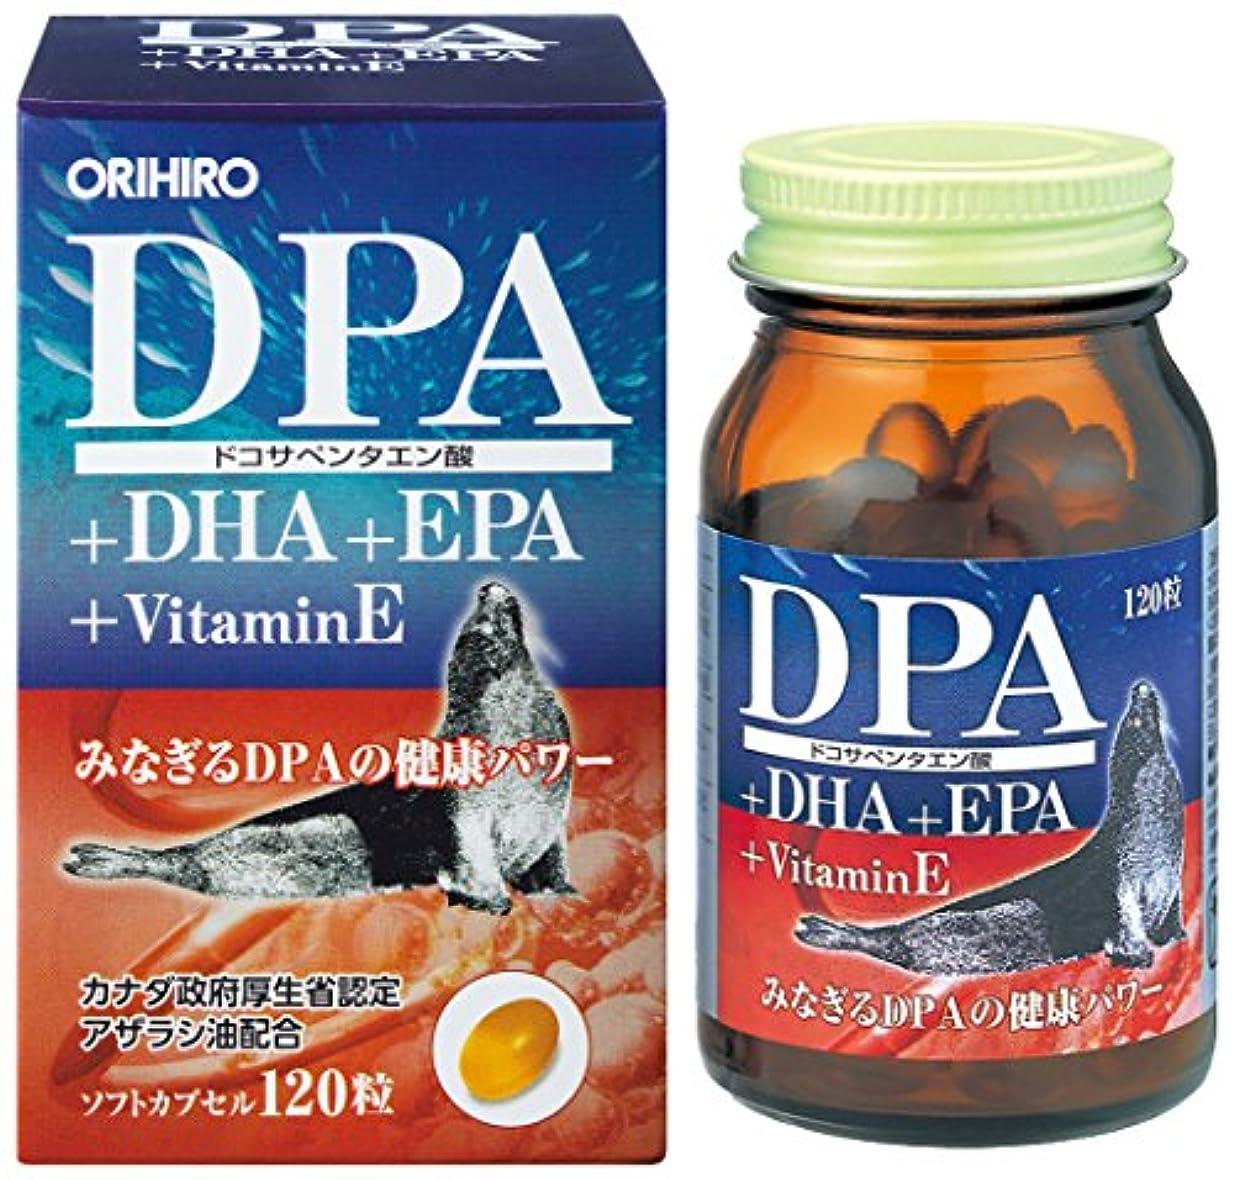 人気の読書突き刺すオリヒロ DPA+DHA+EPA+VitaminE 120粒